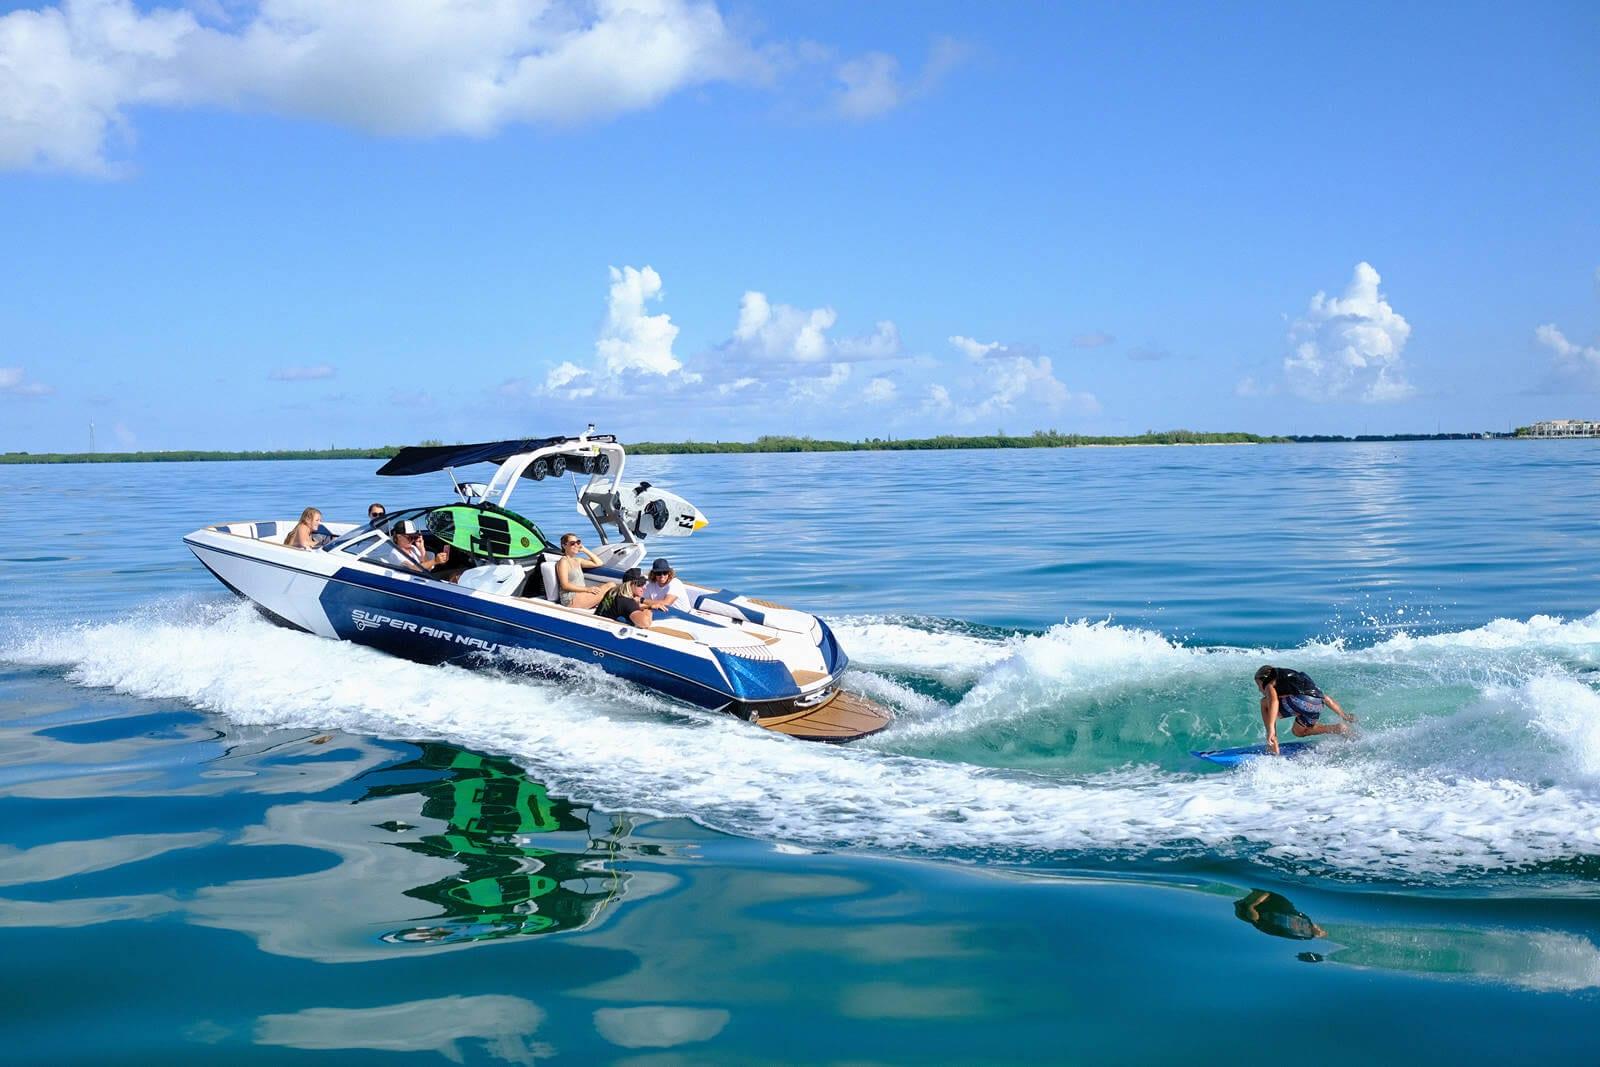 סירות סקי, וויקסרף, וויקבורד זוכות פרסים - Nautque Boats - מותגי סטרים יאכטות